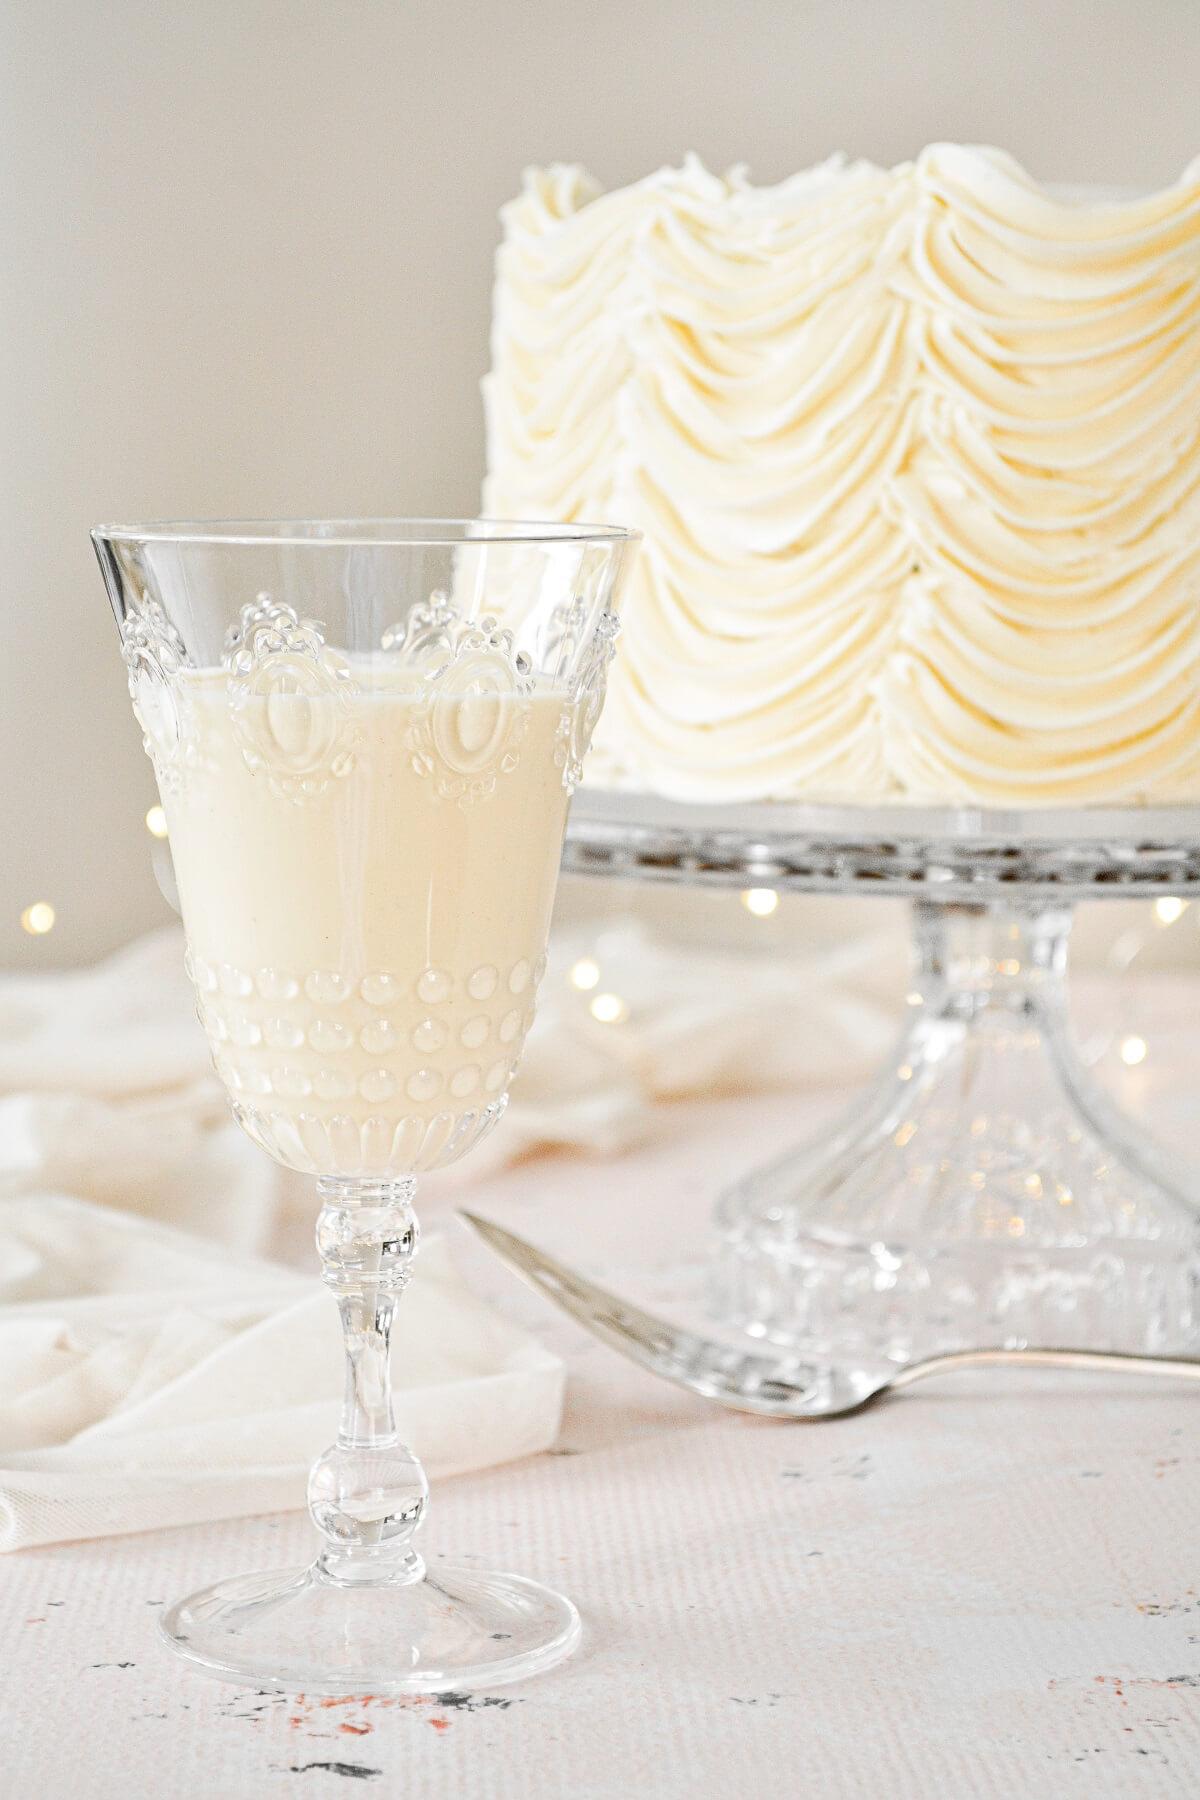 A glass of eggnog with a cardamom cake with eggnog buttercream.